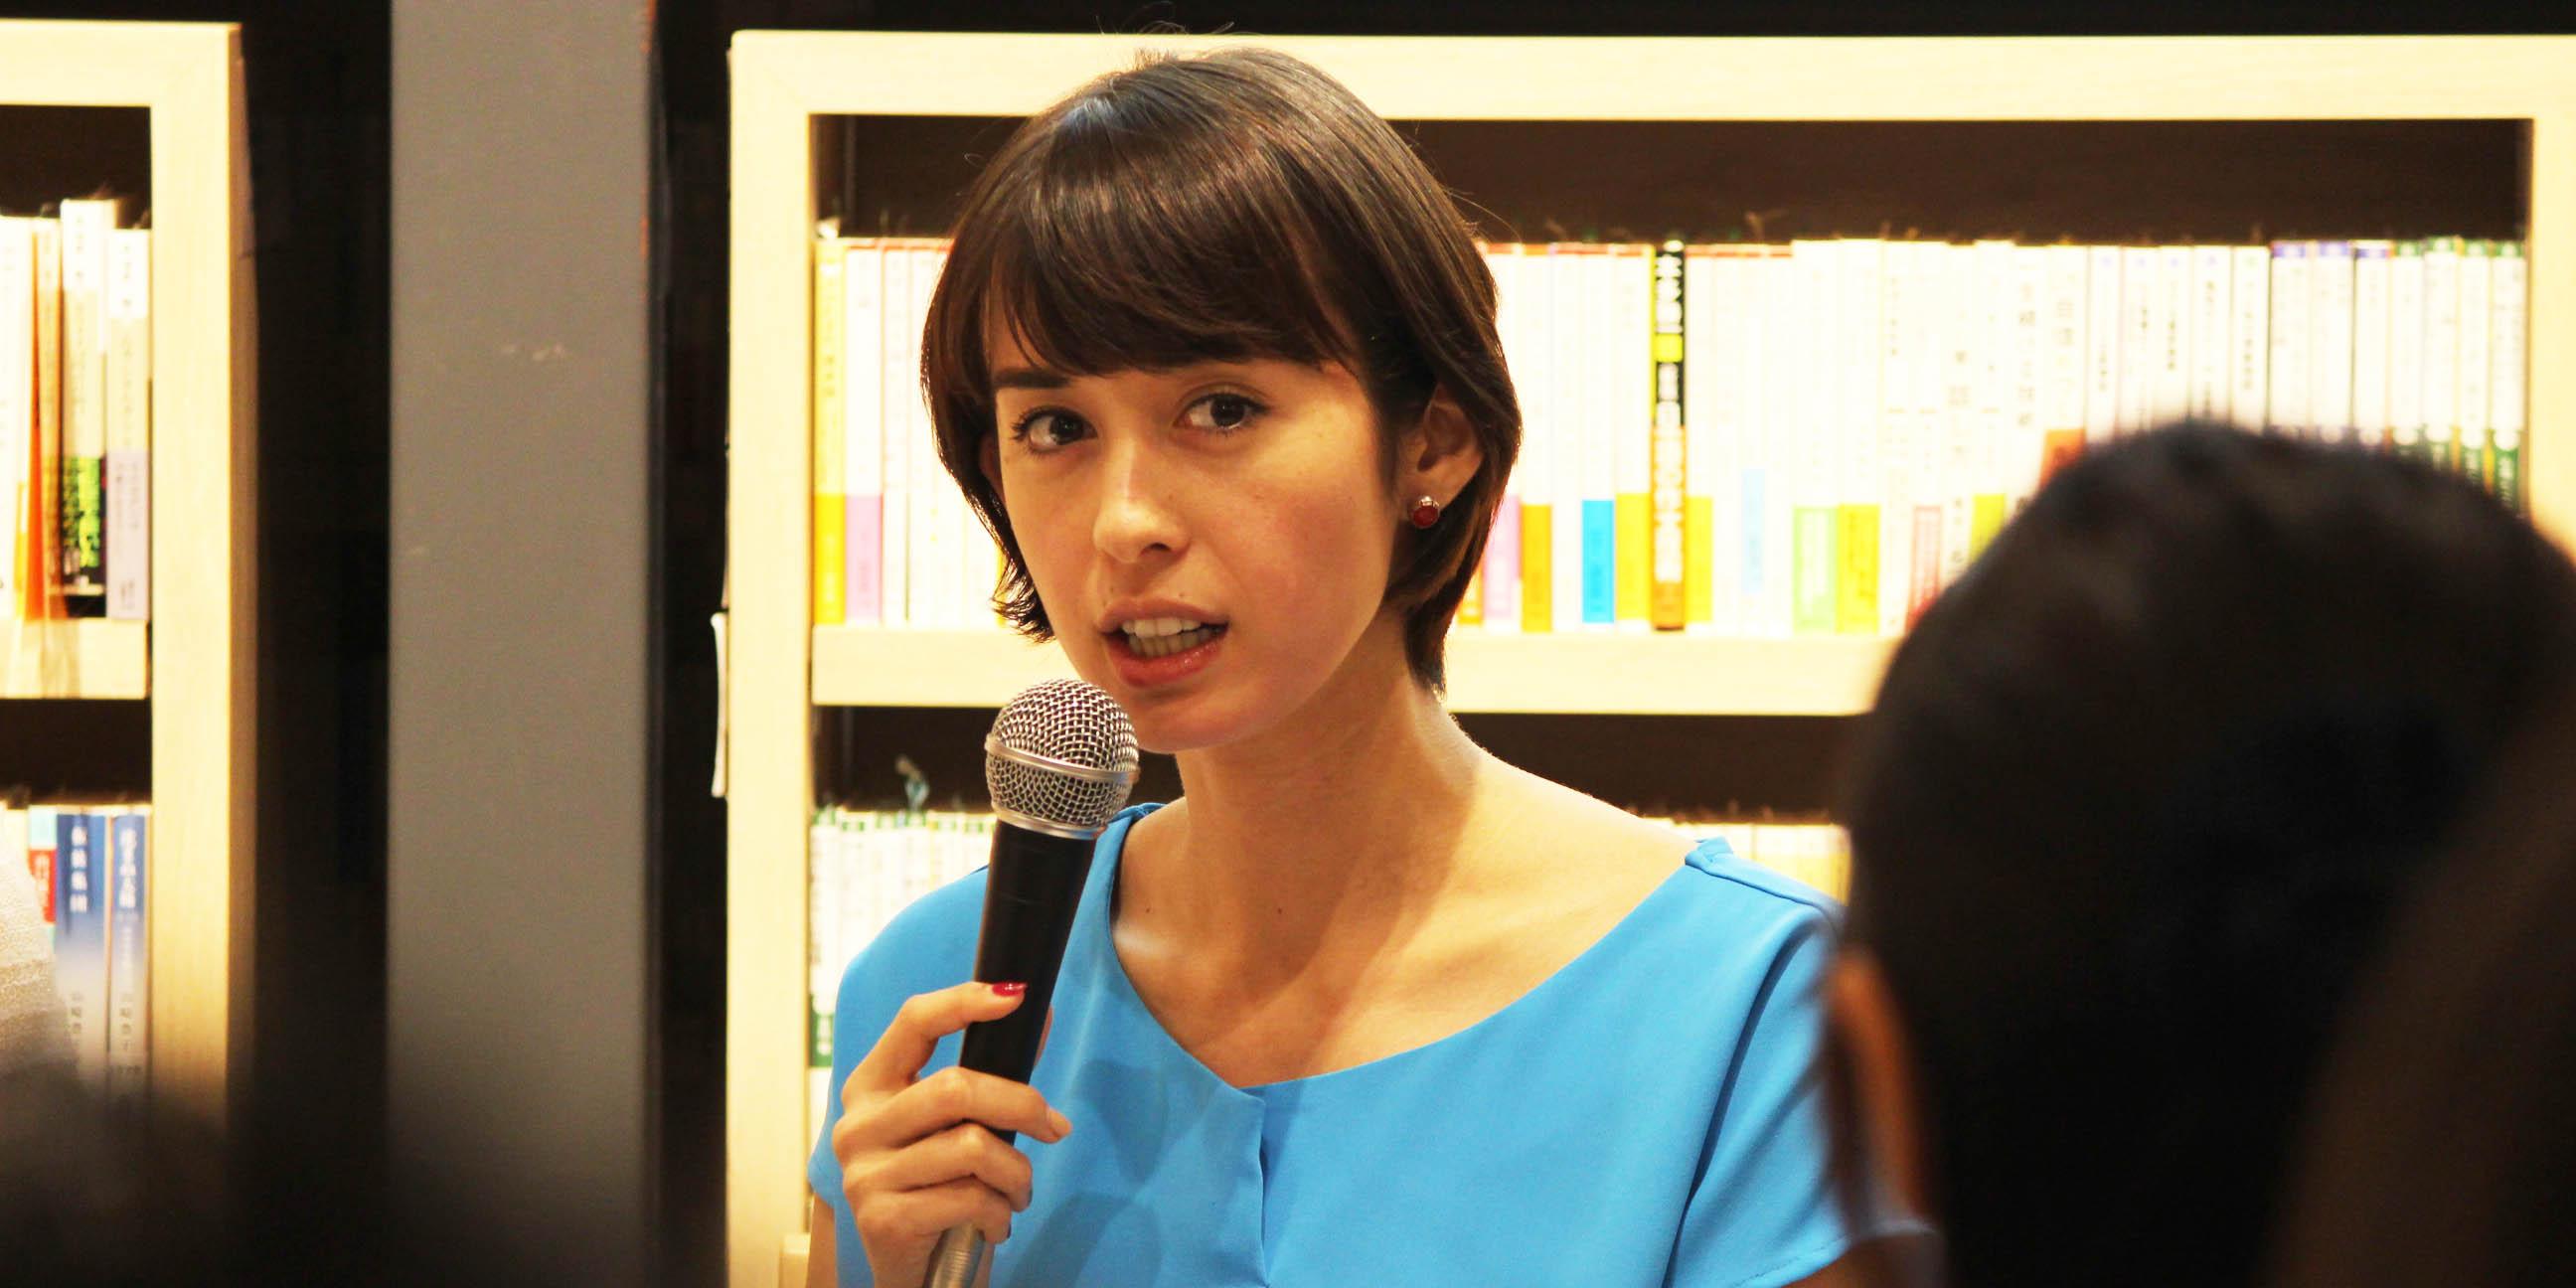 """成果ではなく雇用形態で待遇が変わる日本 正社員という""""身分制度""""がもたらしたものを問う"""